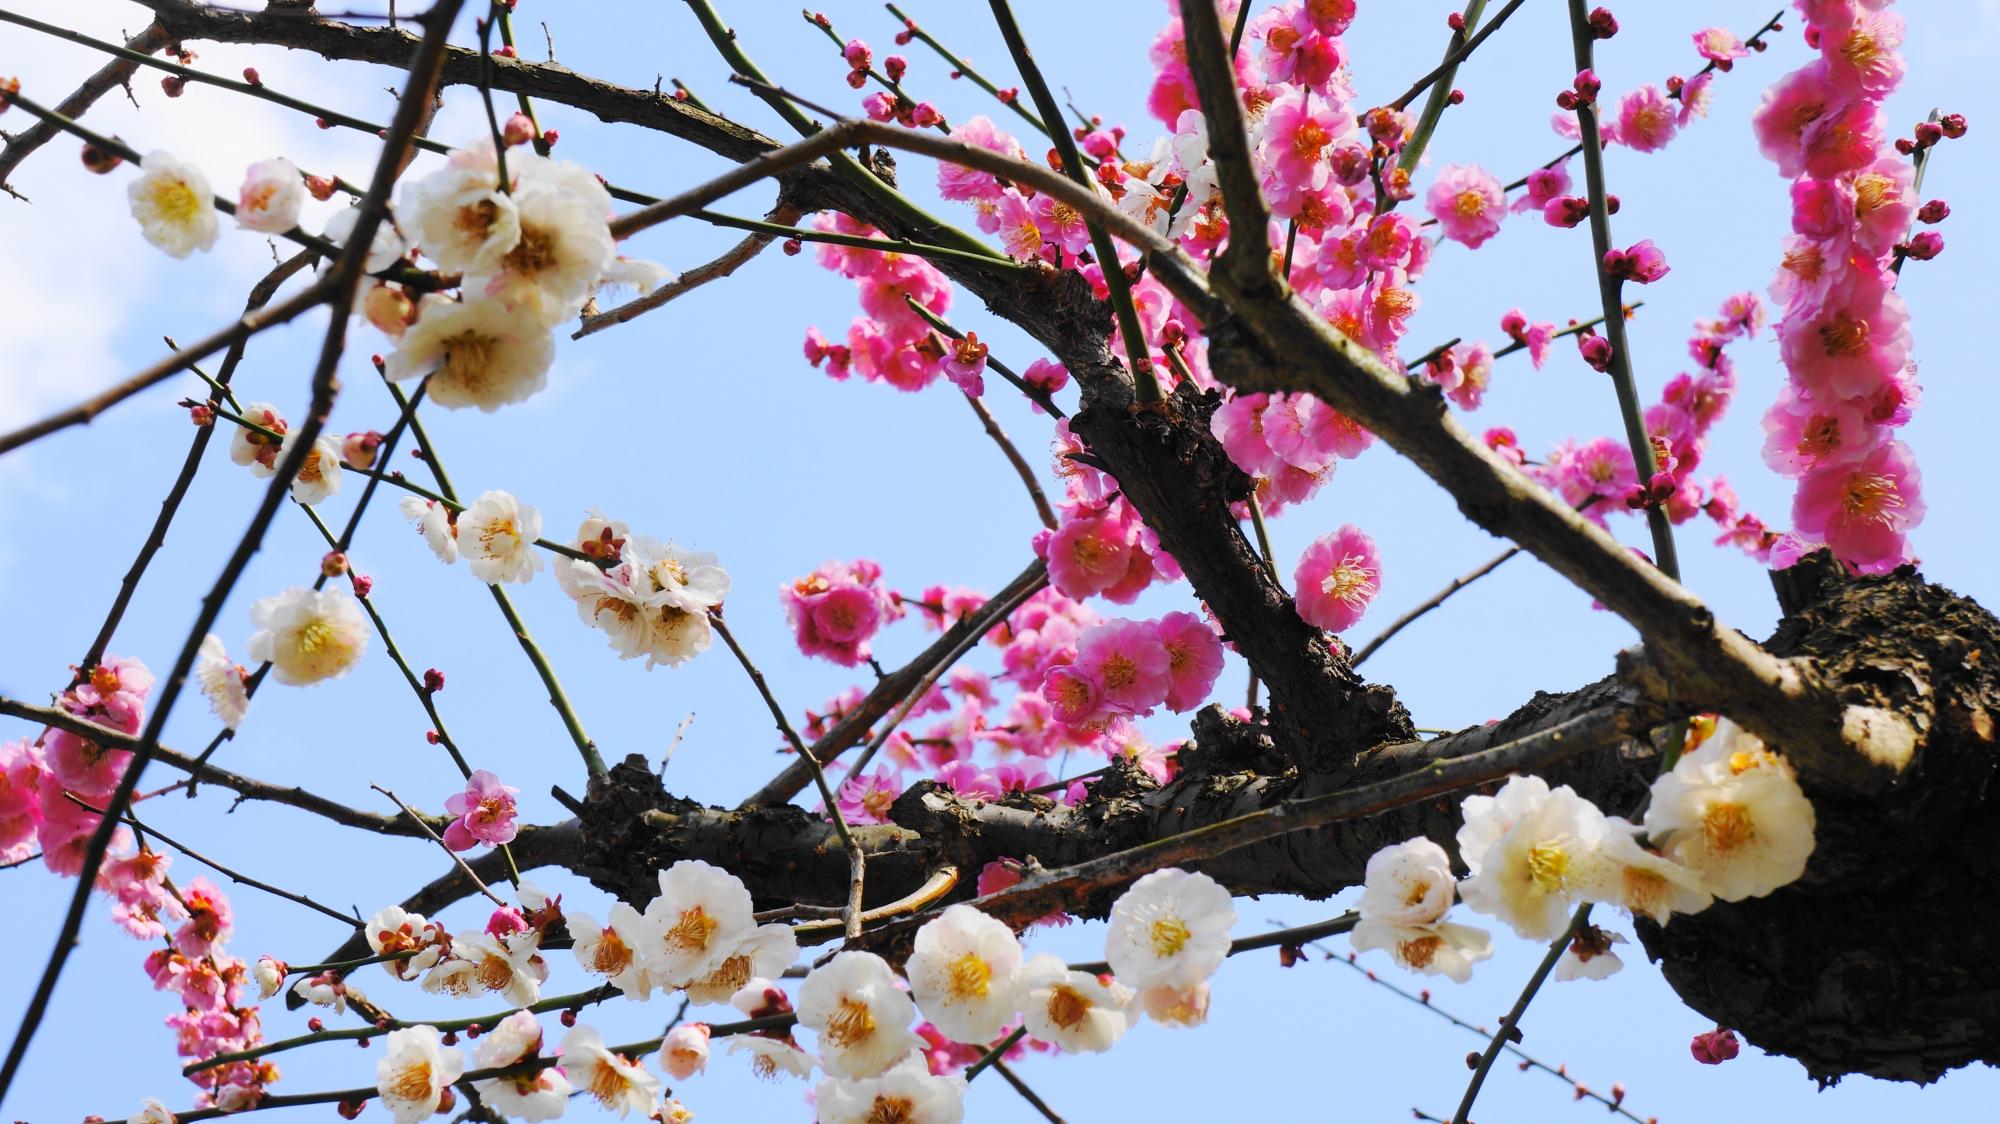 枝ごとに紅白に分かれる梅の木